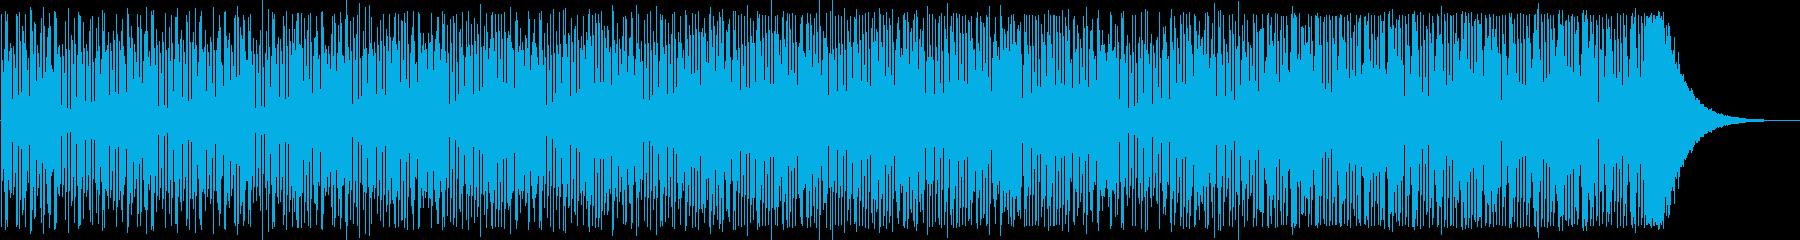 シリアスなシンセサイザーテクノ系EDM の再生済みの波形